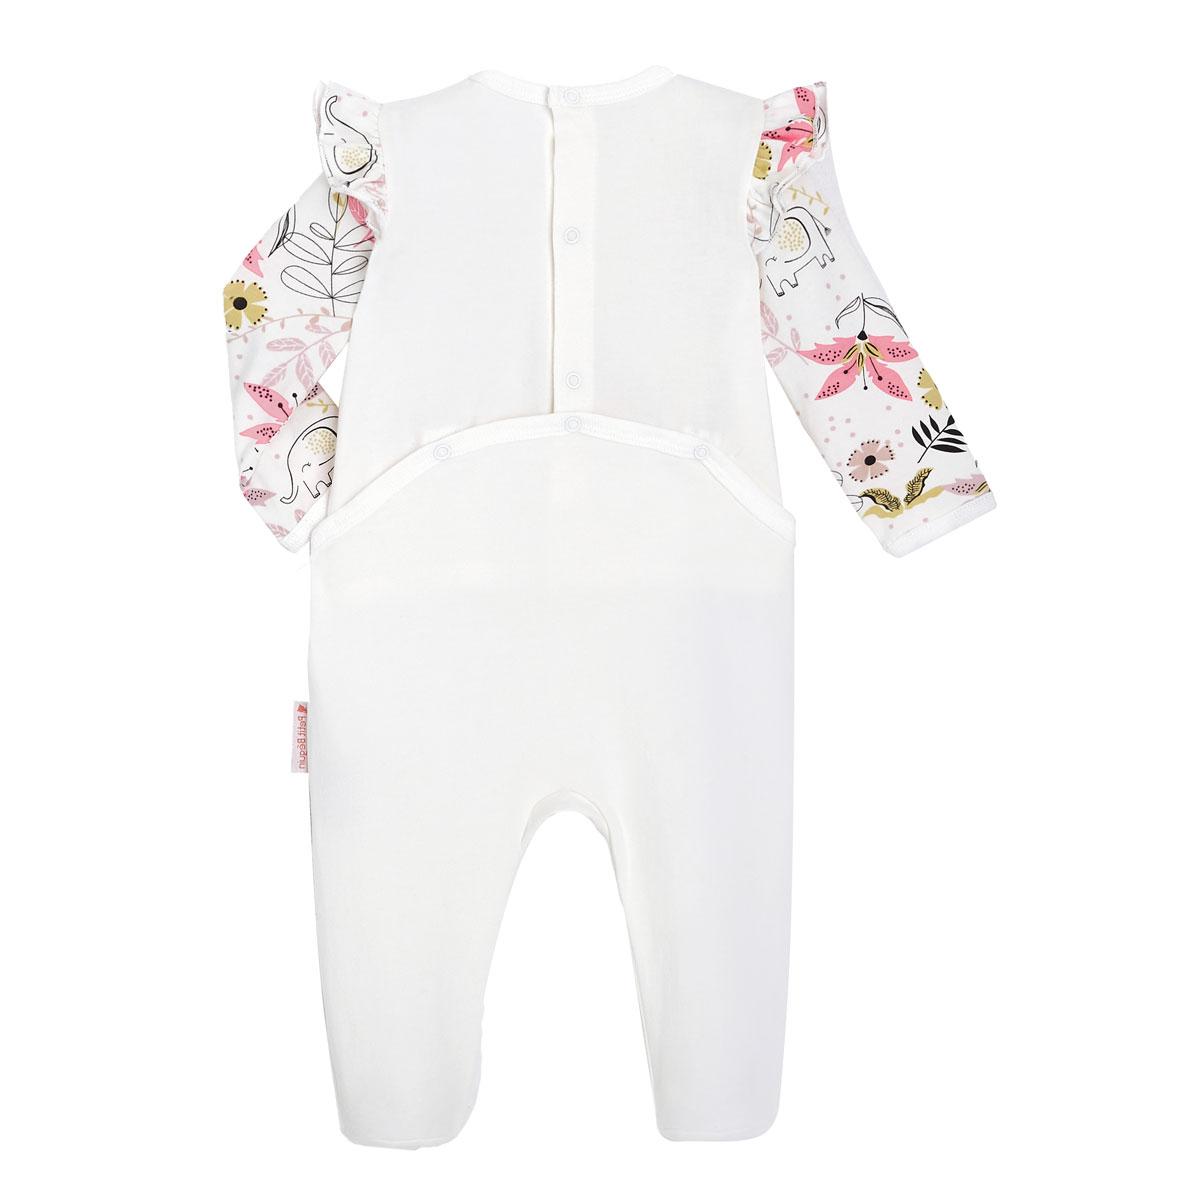 Pyjama bébé contenant du coton bio Singapour dos